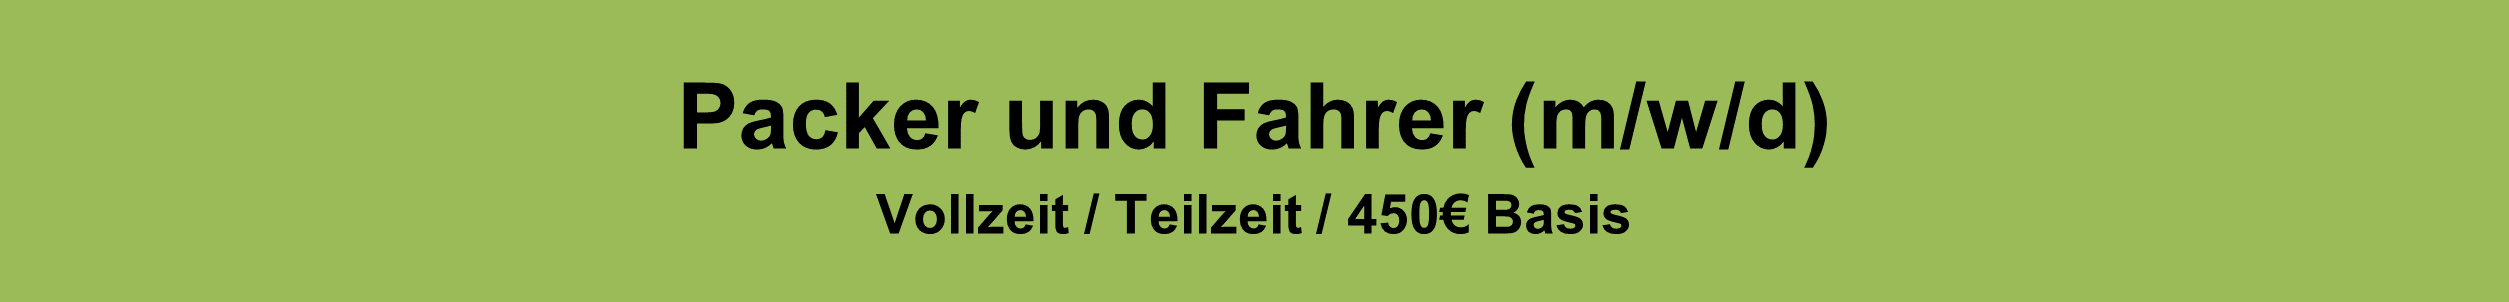 Hutzelhof_Jobbezeichnung